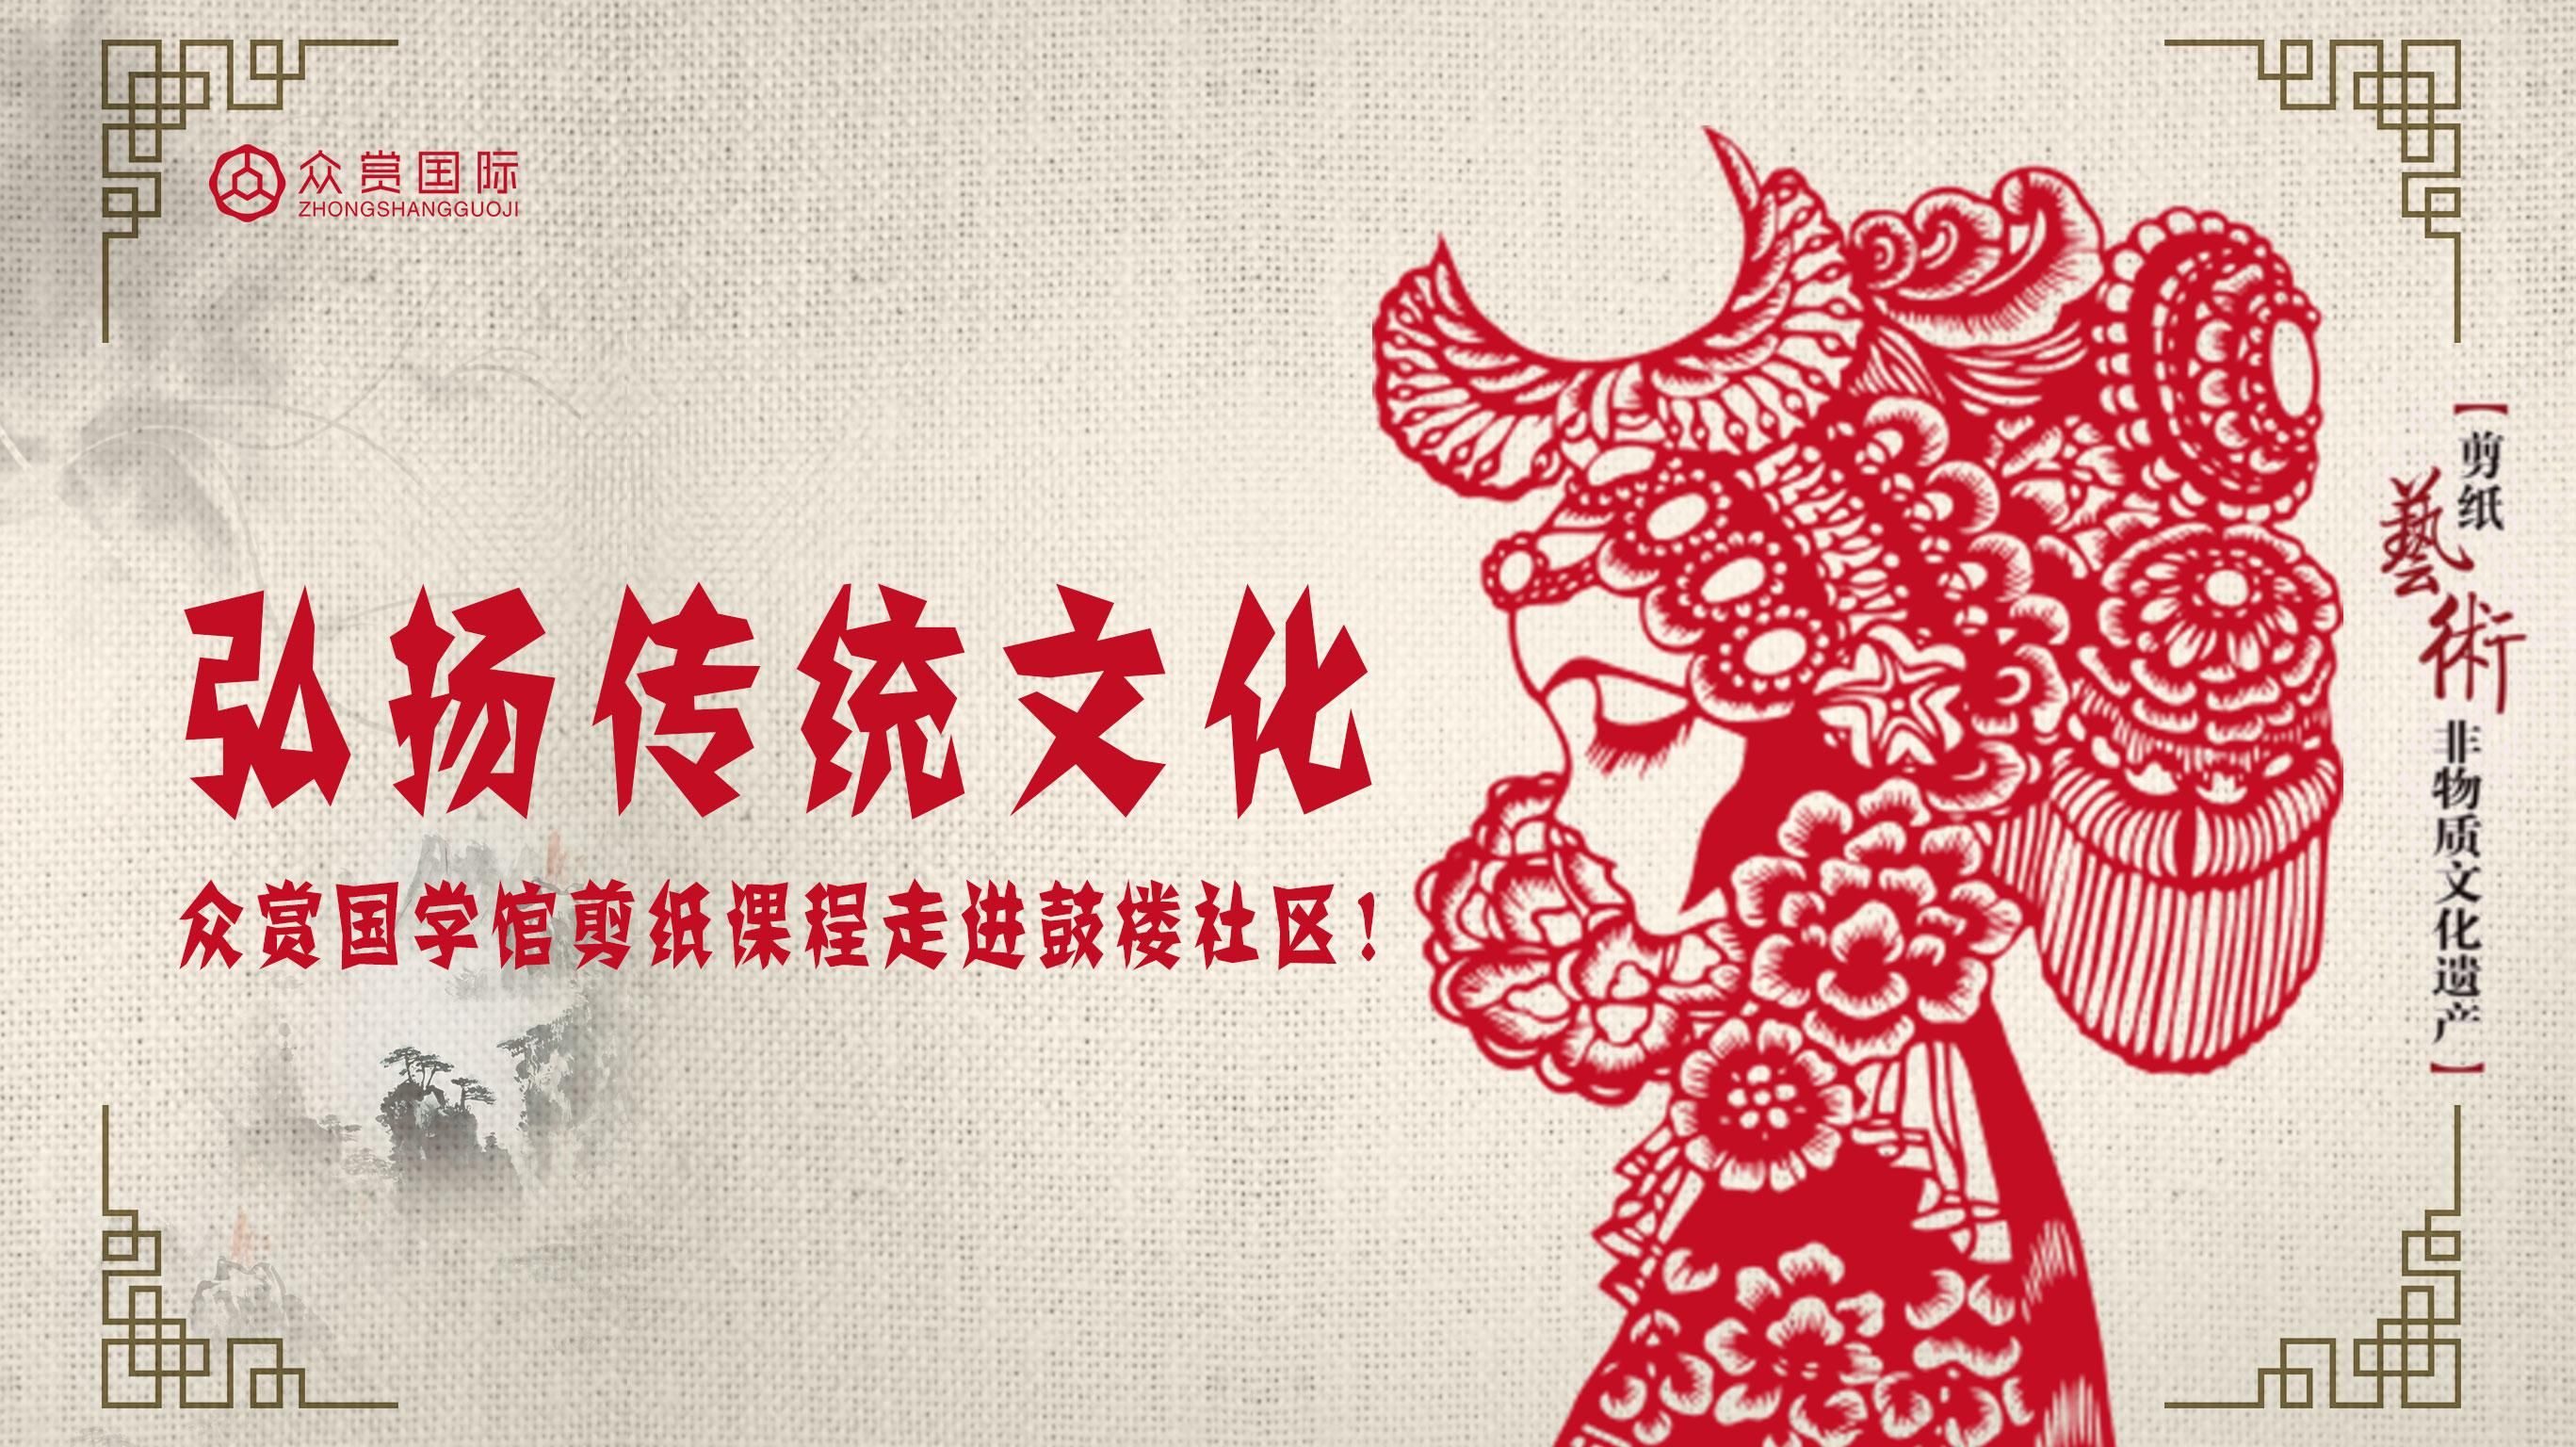 弘扬传统文化,众赏国学馆剪纸课程走进鼓楼社区!